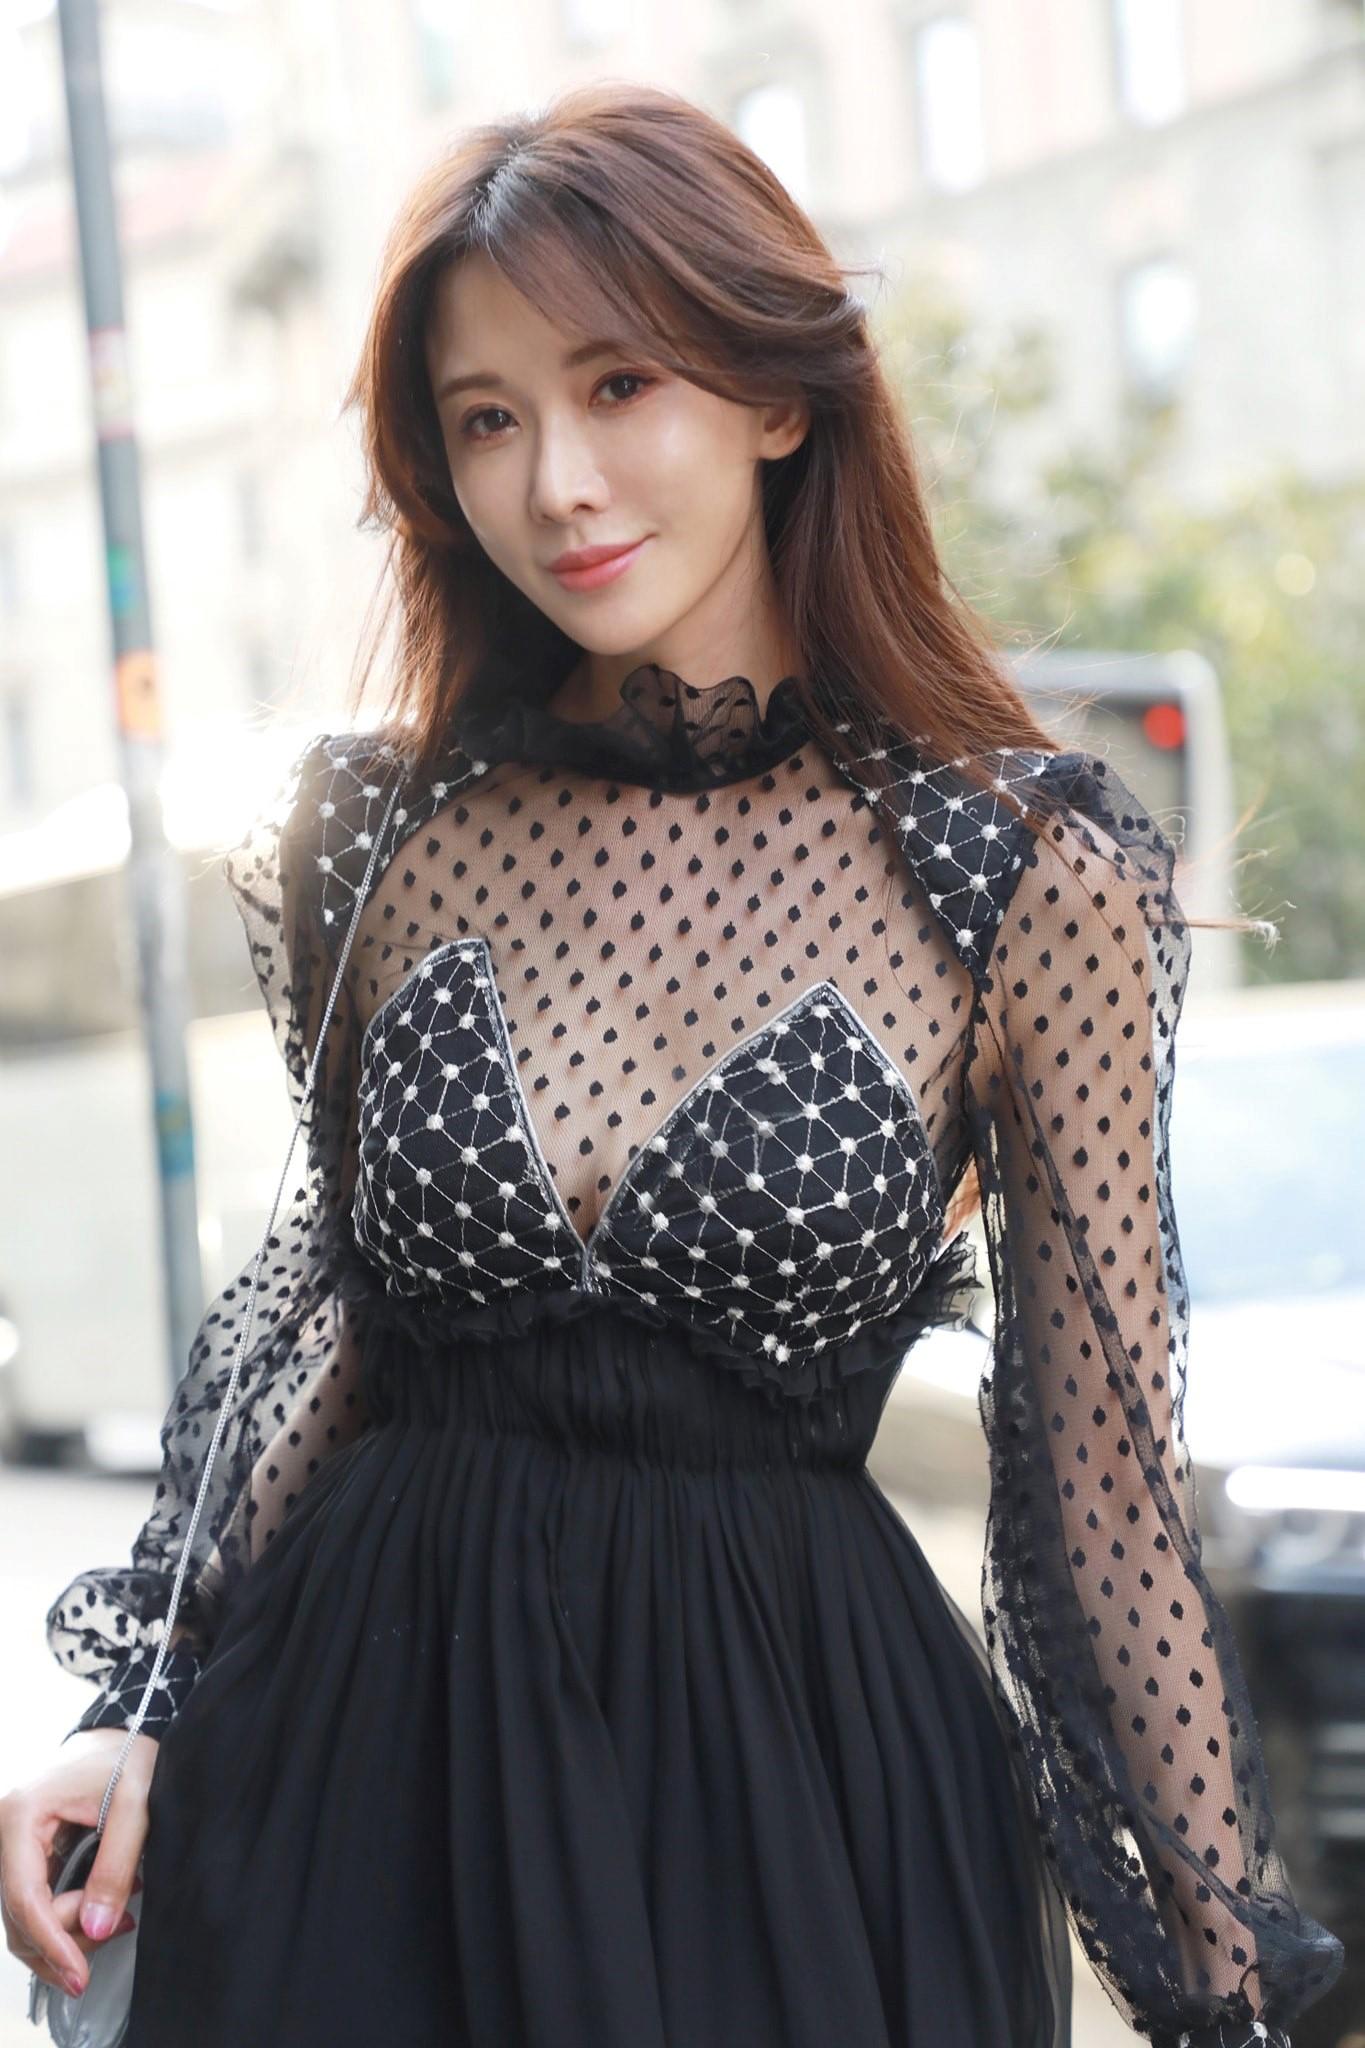 結婚17個月!46歲林志玲回應喜訊:謝謝大家的祝福